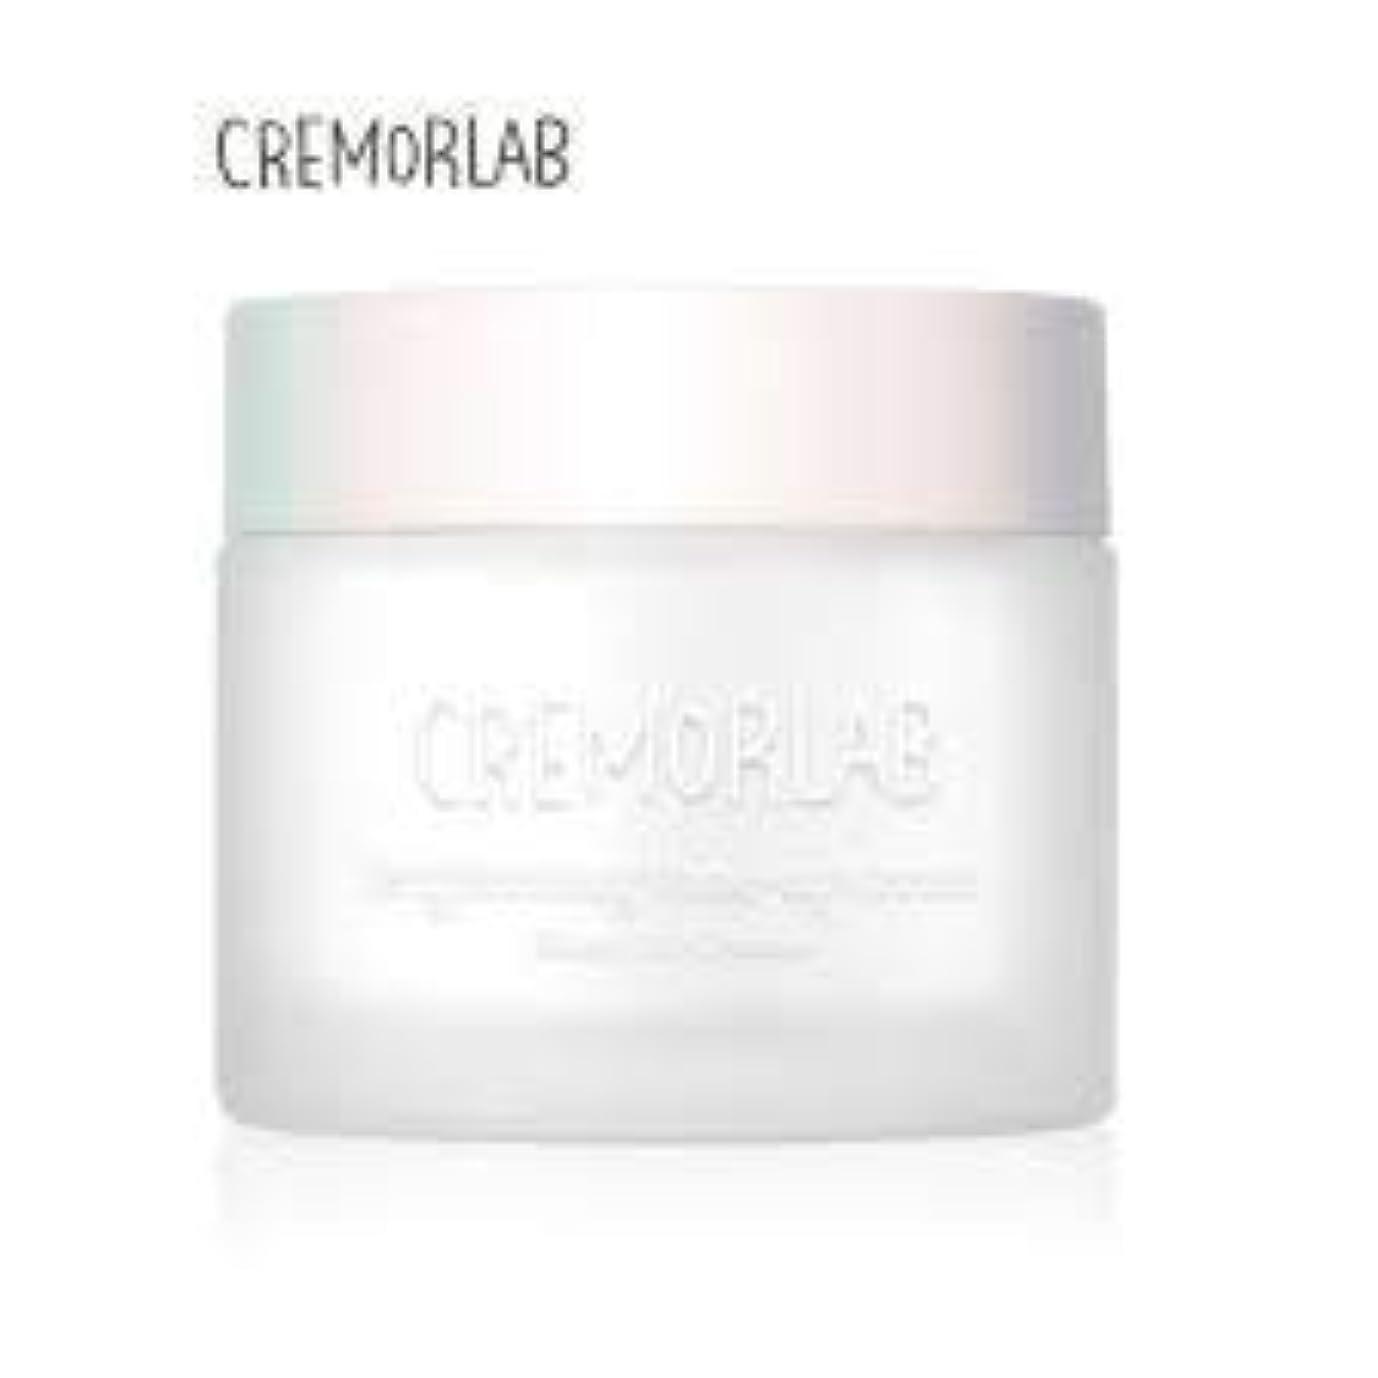 CREMORLAB ブランドクレマーブライトニングクリーム50ml - 肌のトーンを洗練させ、透明度を高め、肌の色を明るくします。